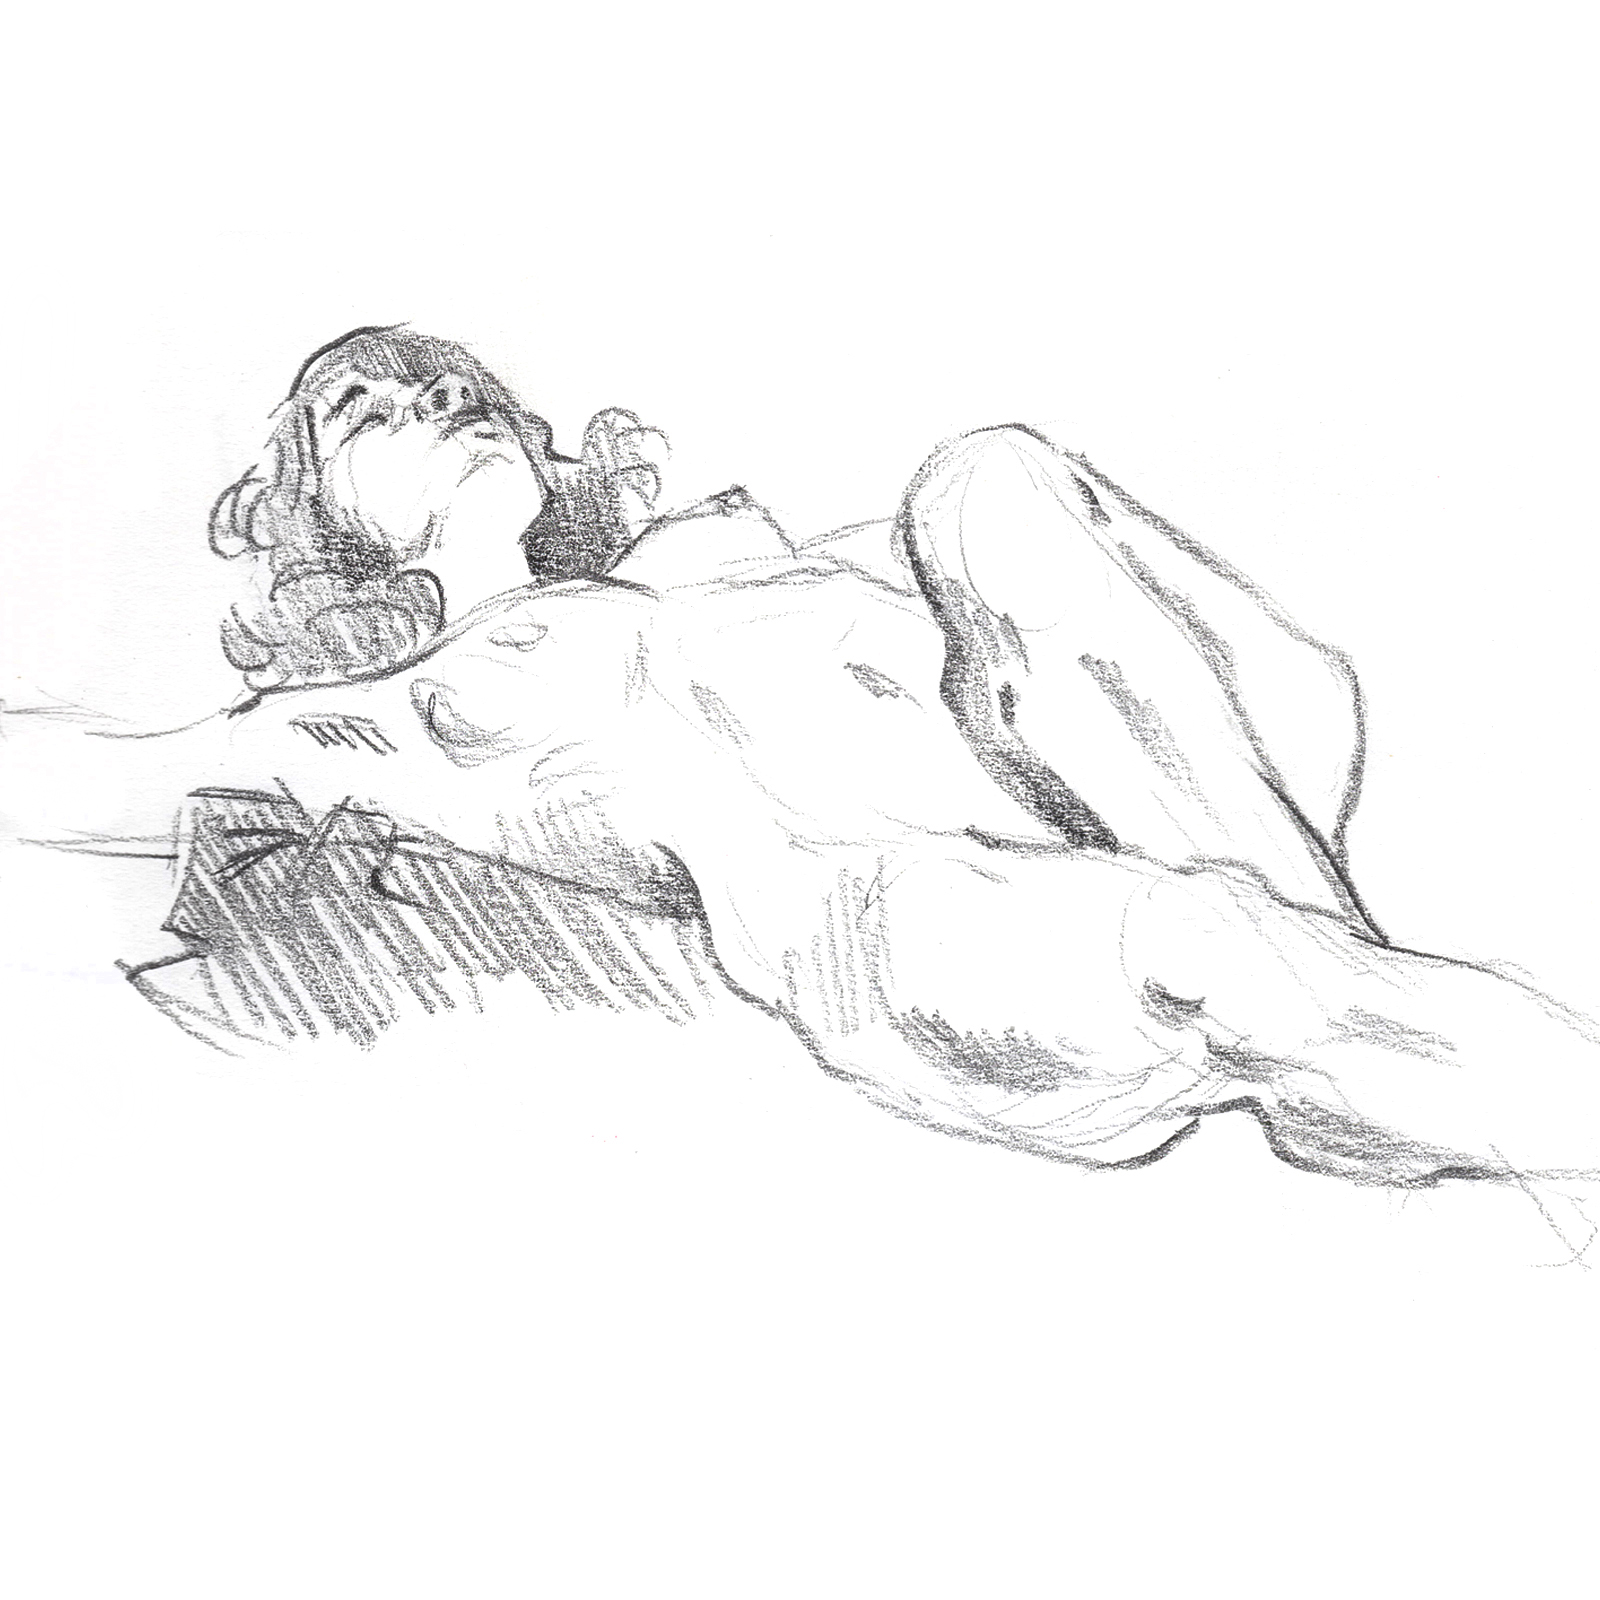 sketch_night6.3.jpg